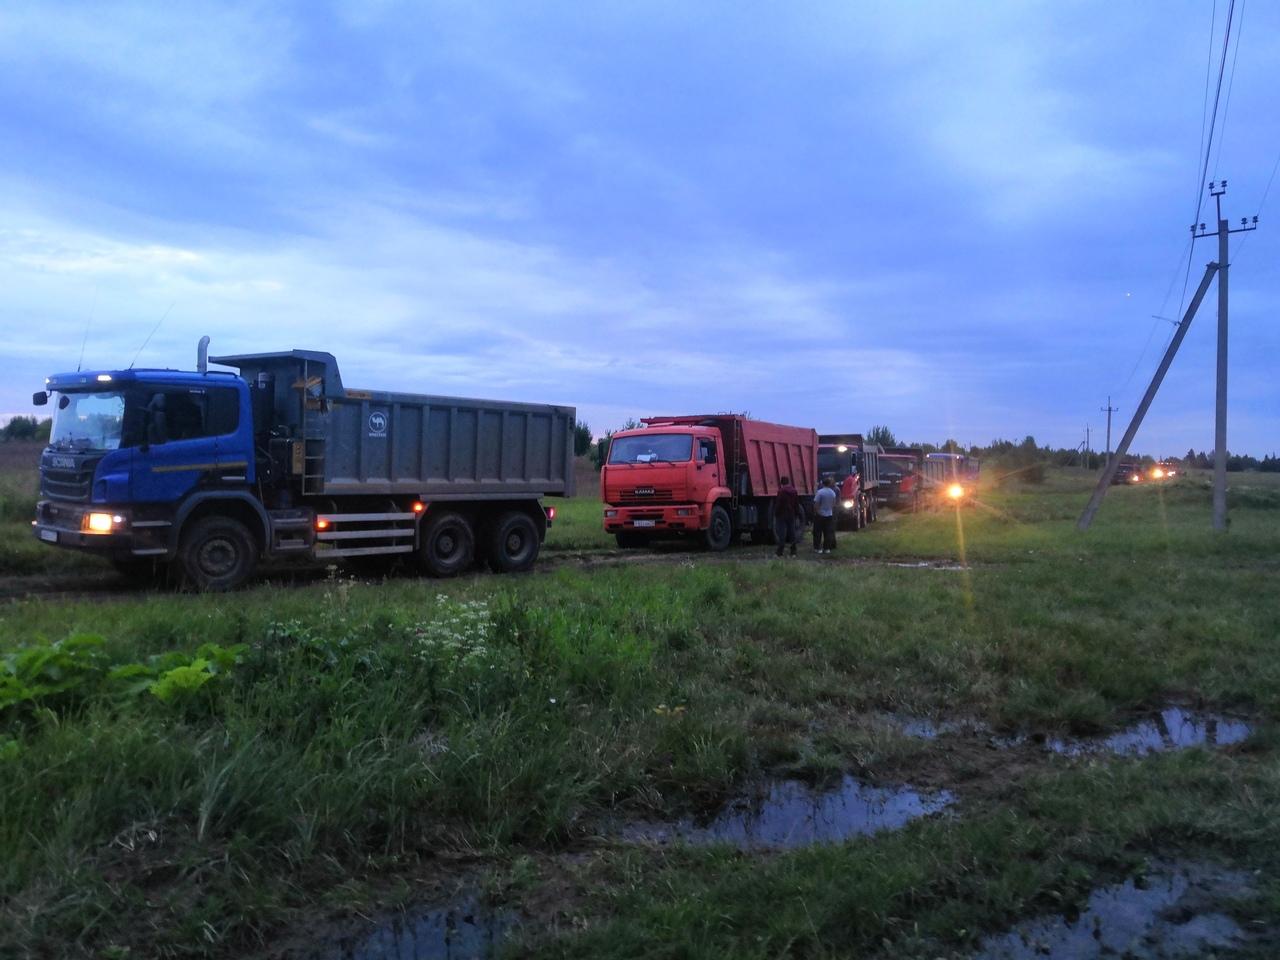 В Дмитровском округе активисты ловили самосвалы, загрязняющие дороги, лес и реку Учу